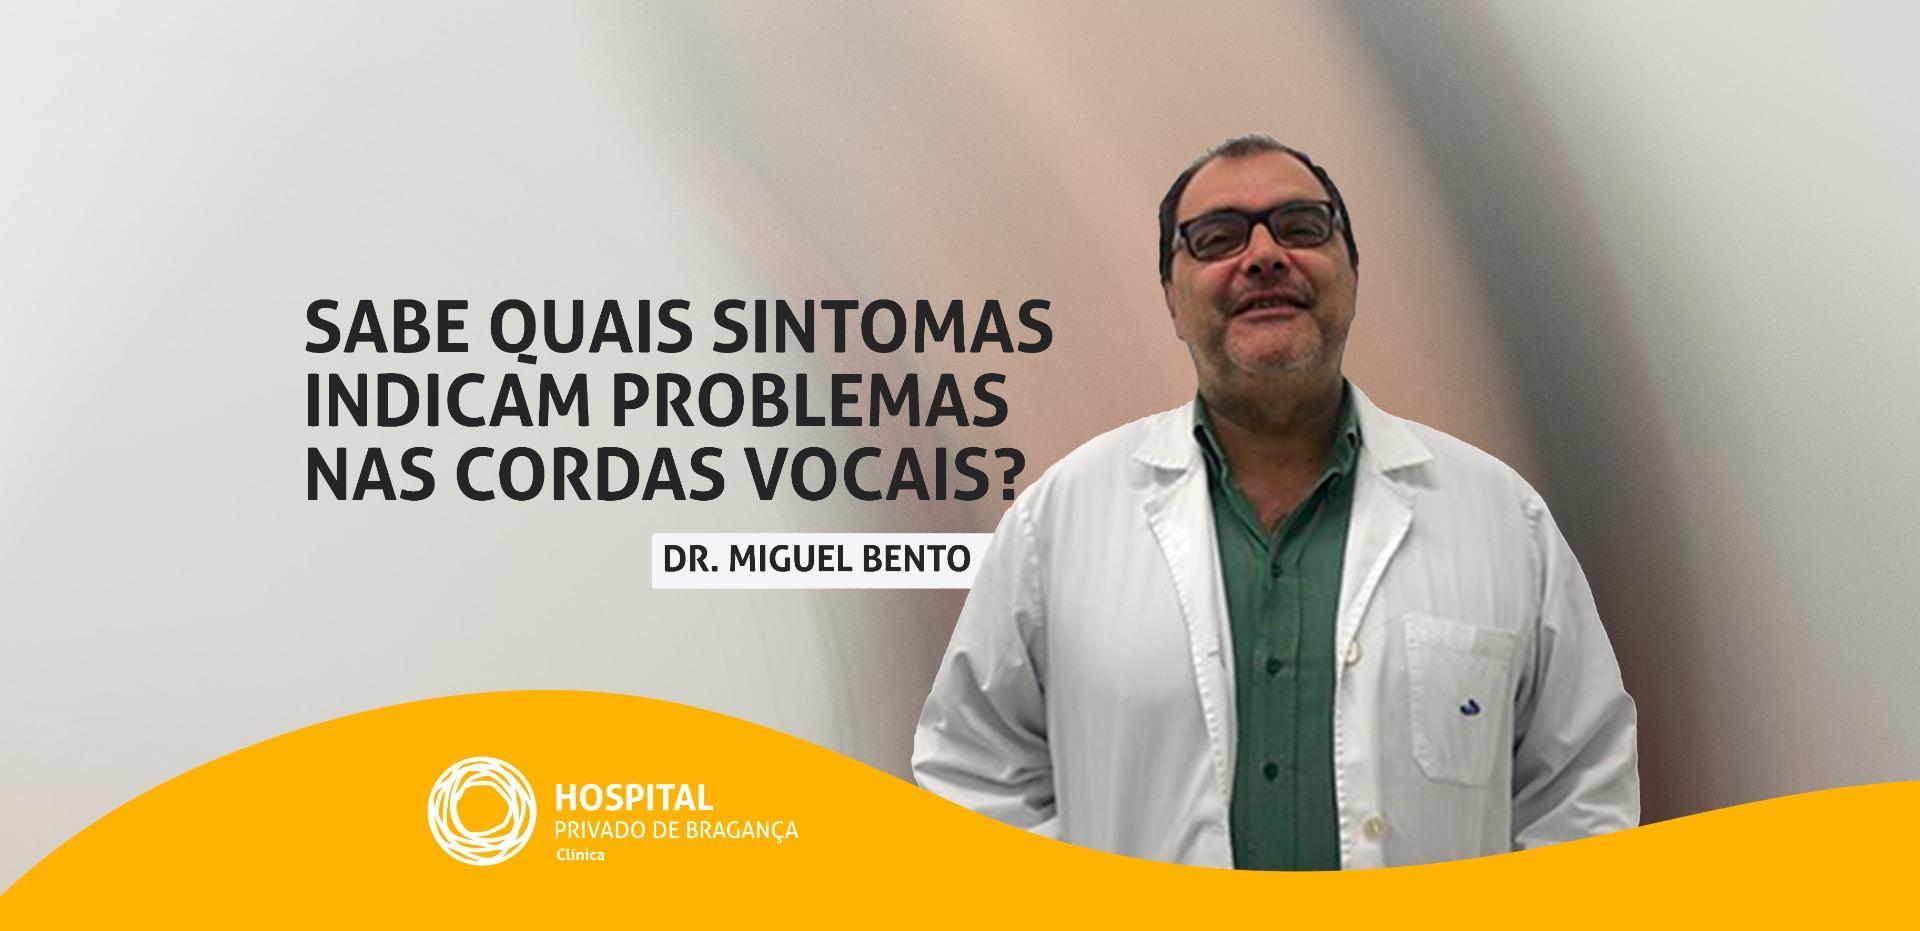 Sabe quais sintomas indicam problemas nas cordas vocais?